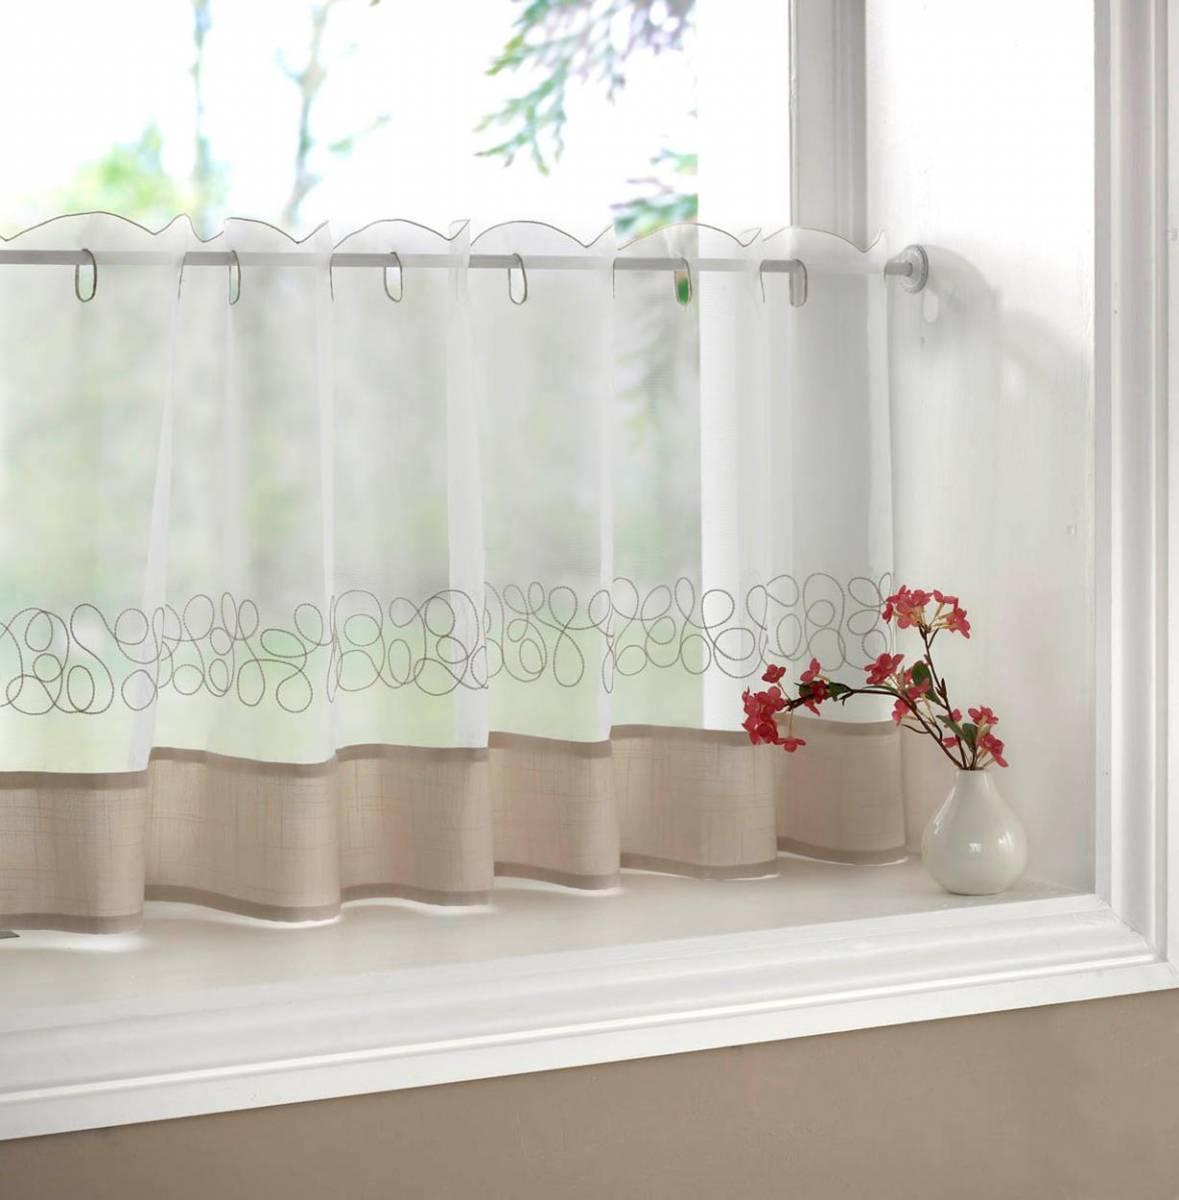 Cortinas Catálogo - postes de la cortina, varillas, cocina, ventanas, cortinas listas hechas, cortina de ducha (completamente cubiertas con, cubierto de grado)